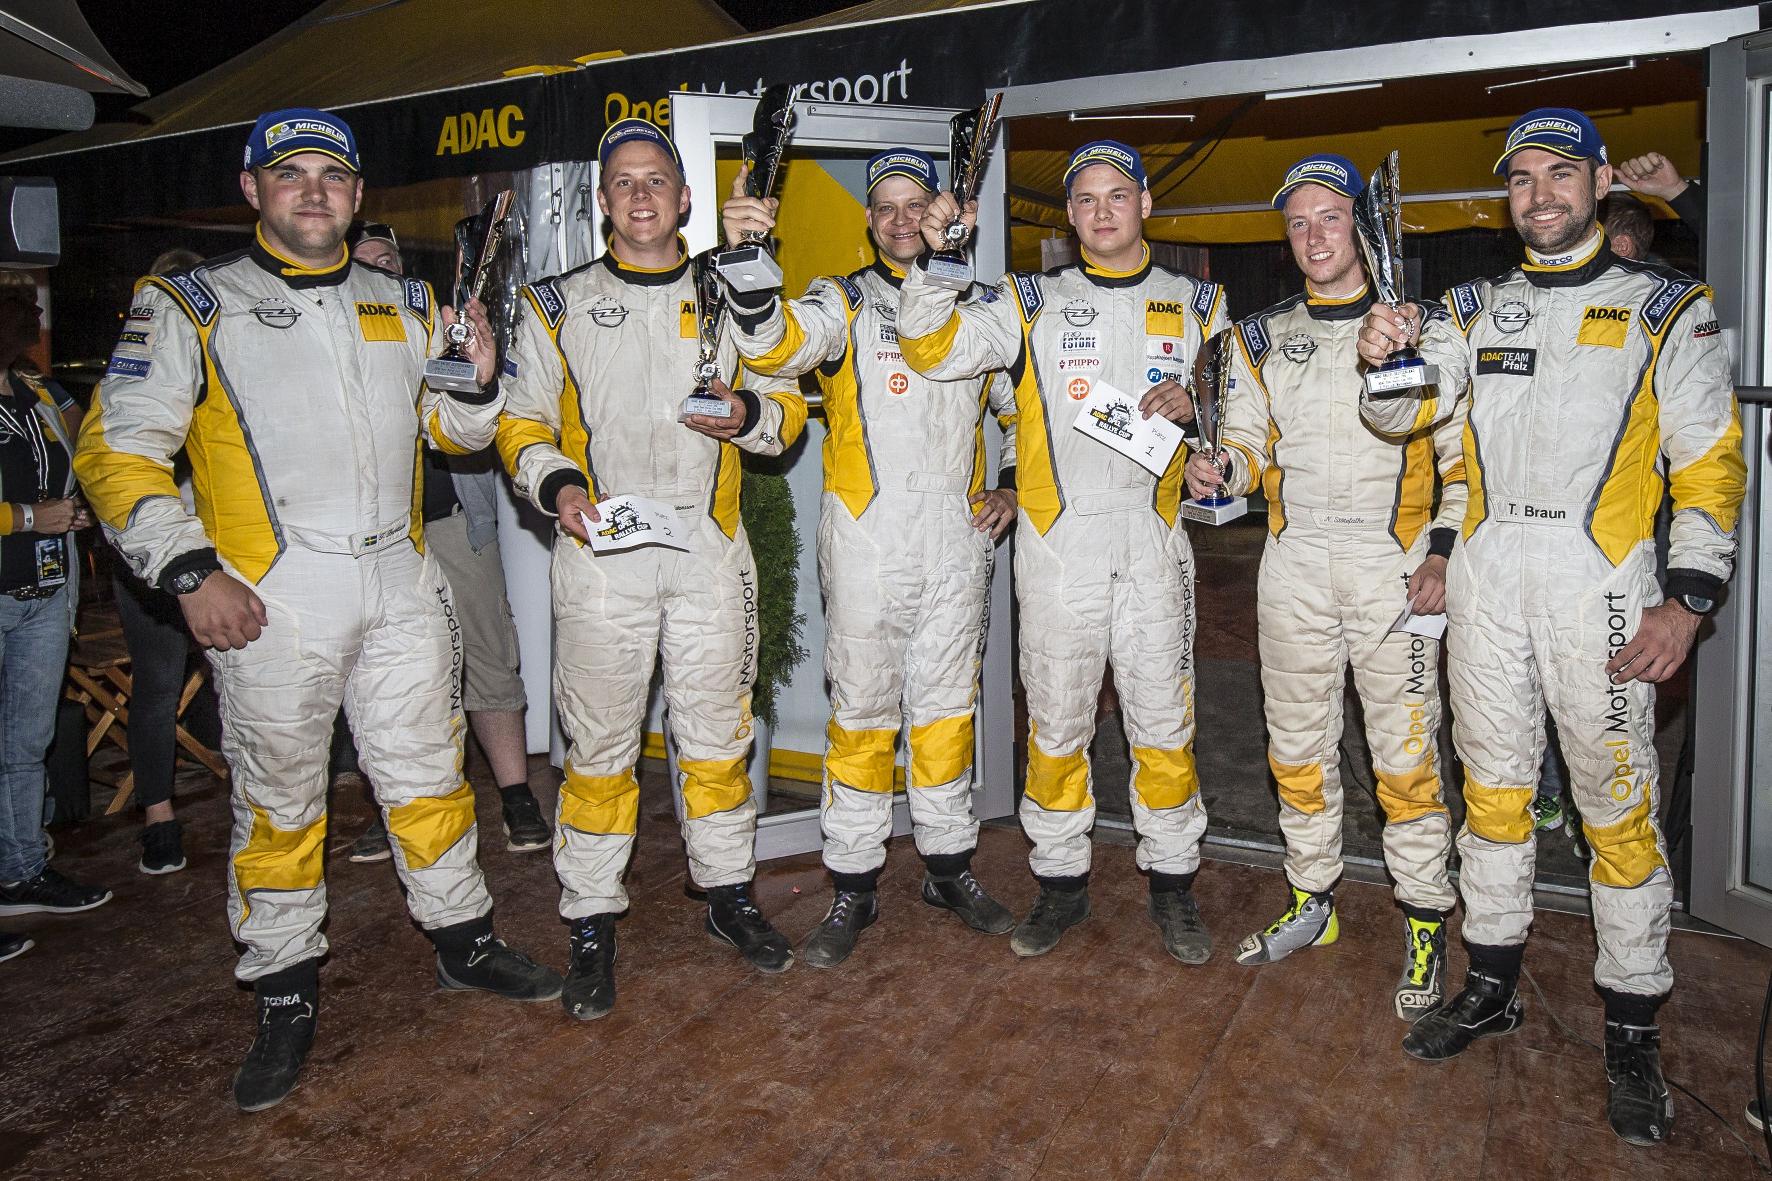 Stolze Sieger: Für die jungen Fahrer ist der Opel ADAM Cup der elegante Einstieg in die große Welt des Rallyesports.